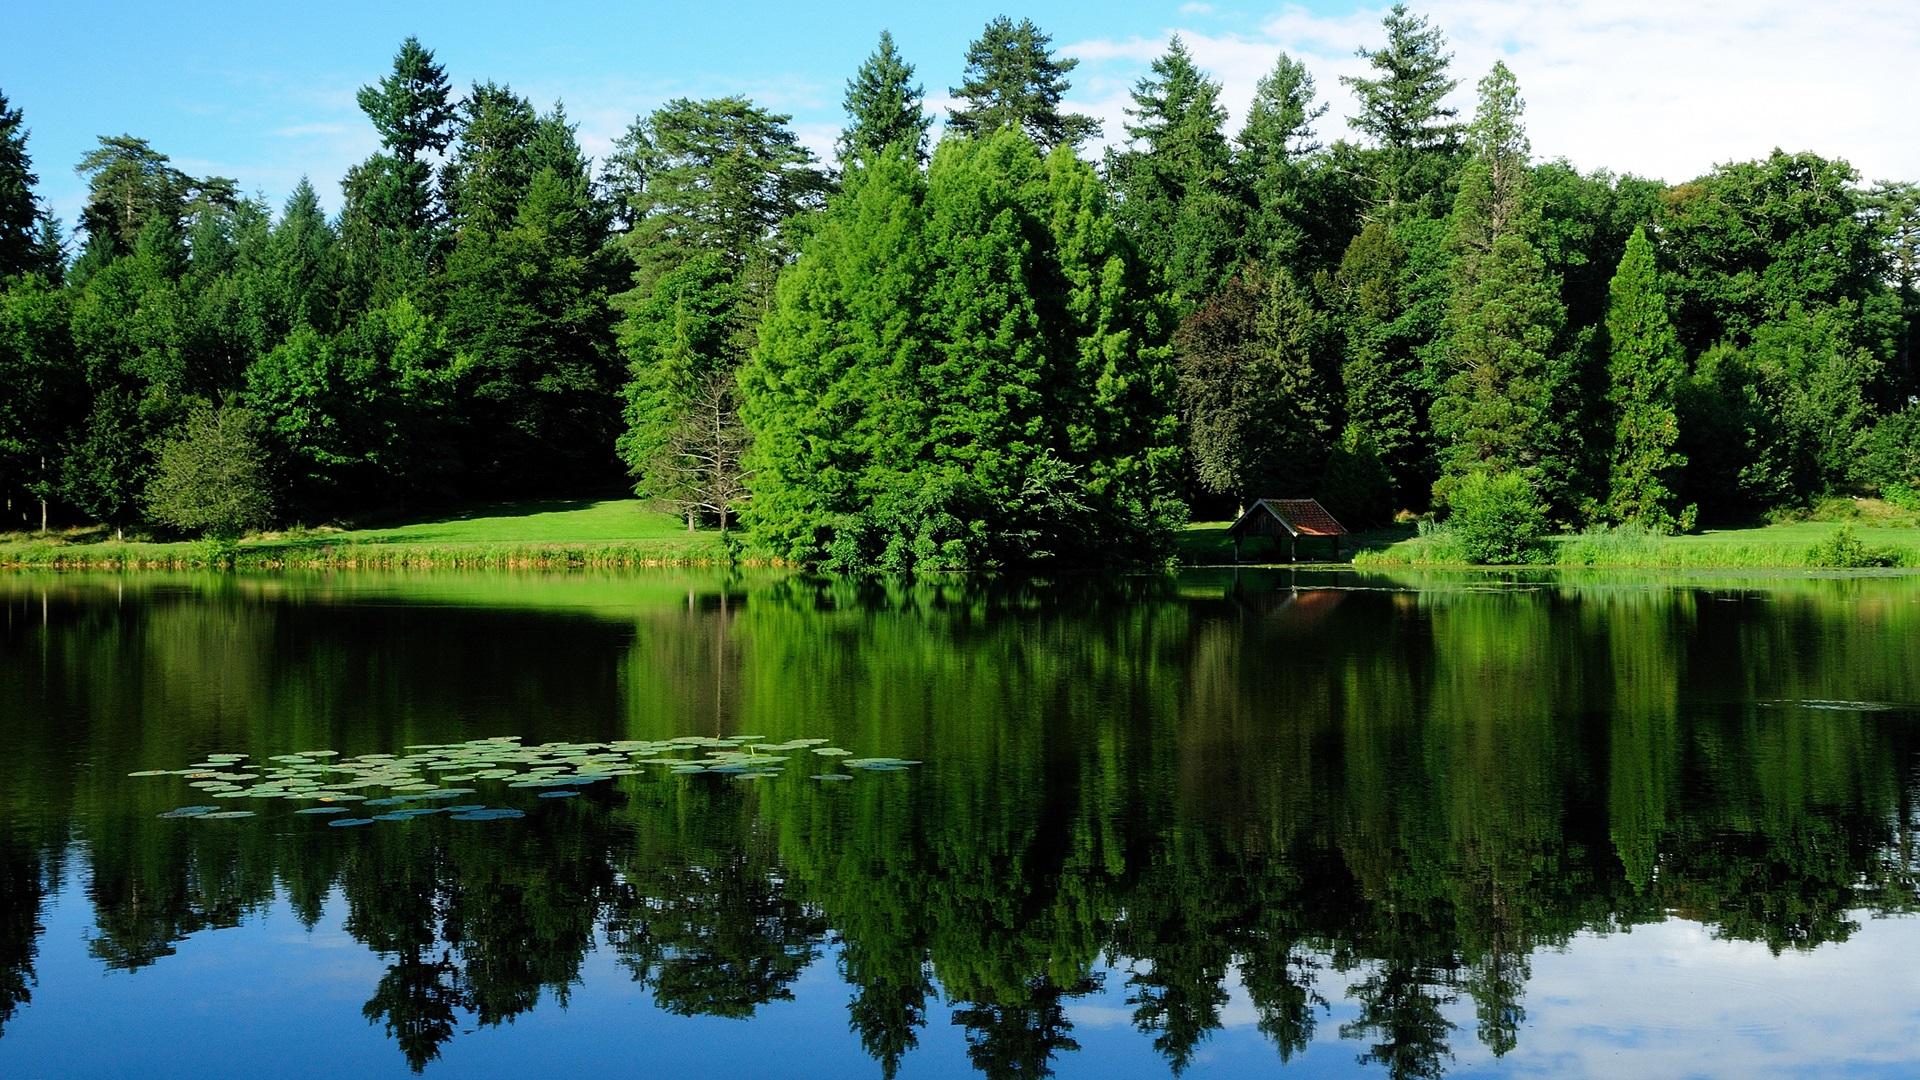 法國,自然景觀,樹木,綠地,湖泊,水中的倒影